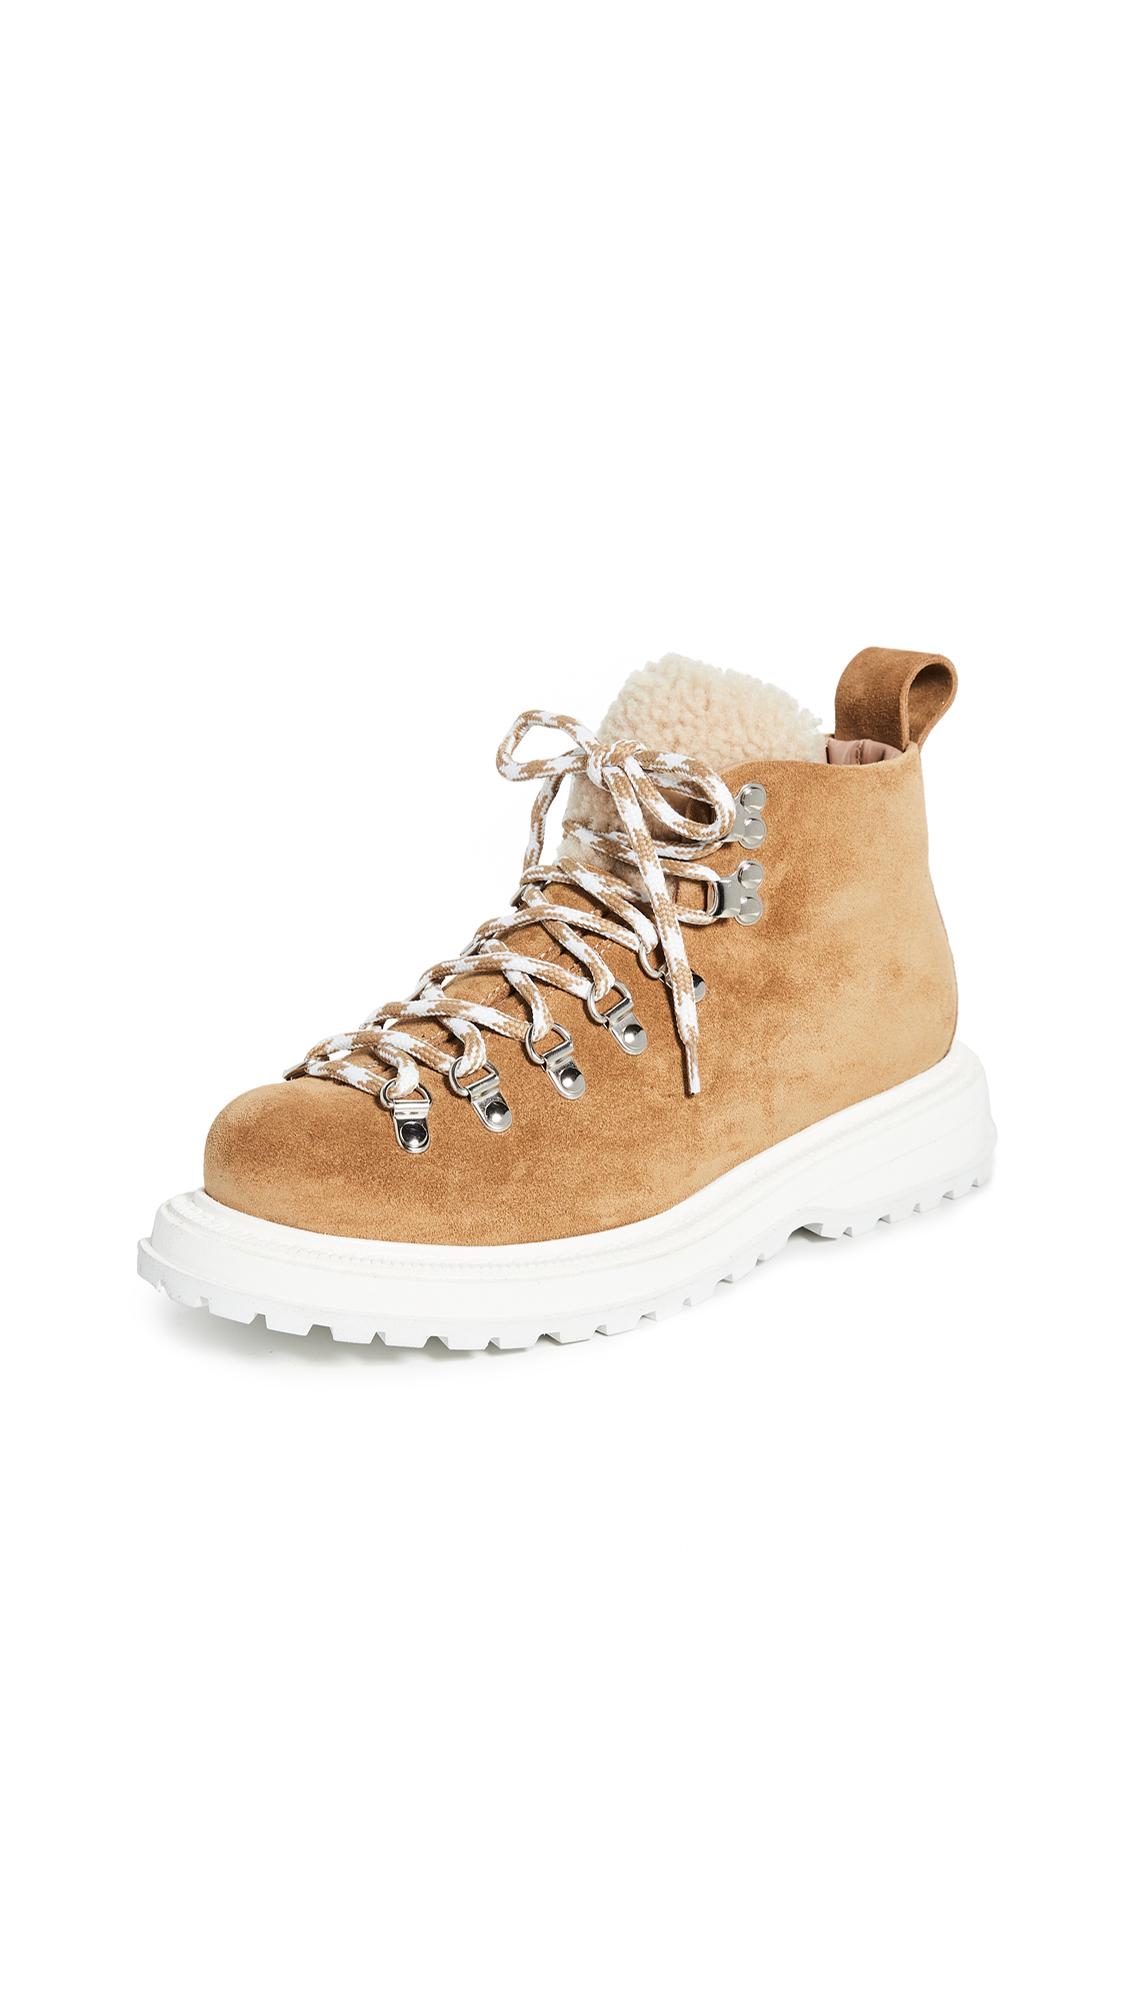 Buy Buttero Zeno Shearling Boots online, shop Buttero